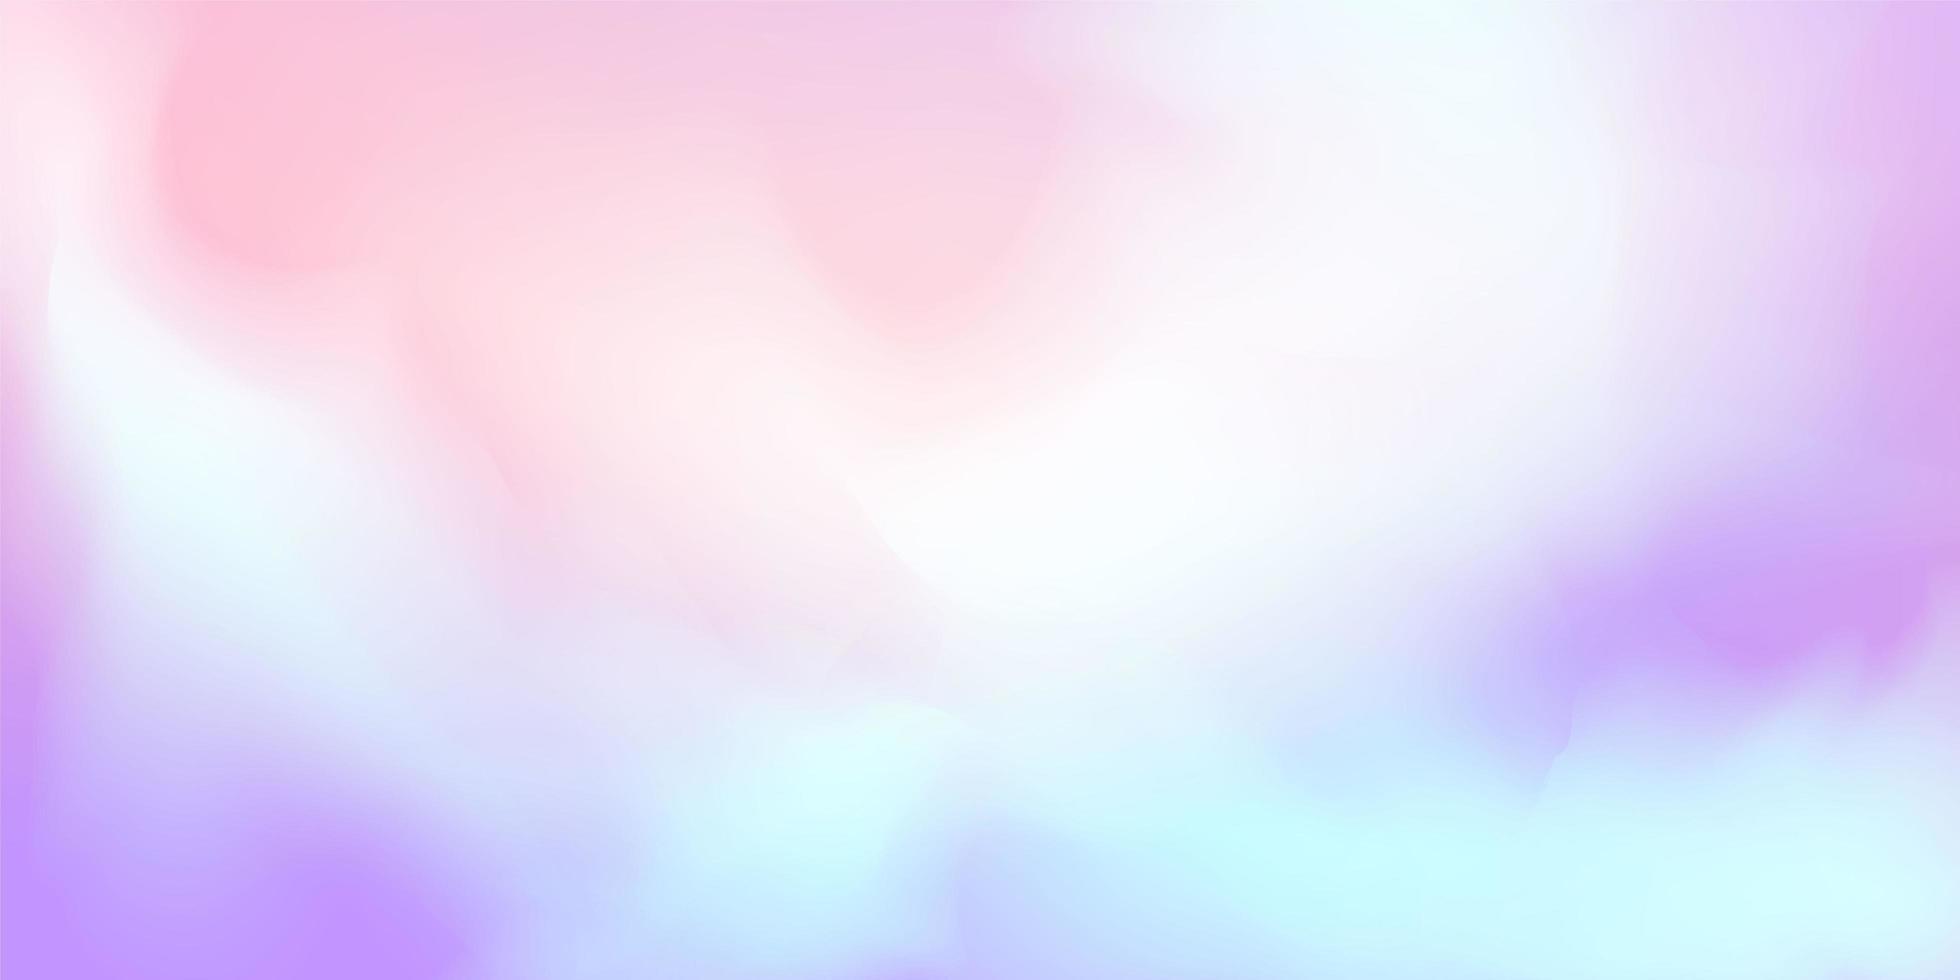 concept de fond dégradé coloré pastel abstrait pour votre design graphique coloré vecteur